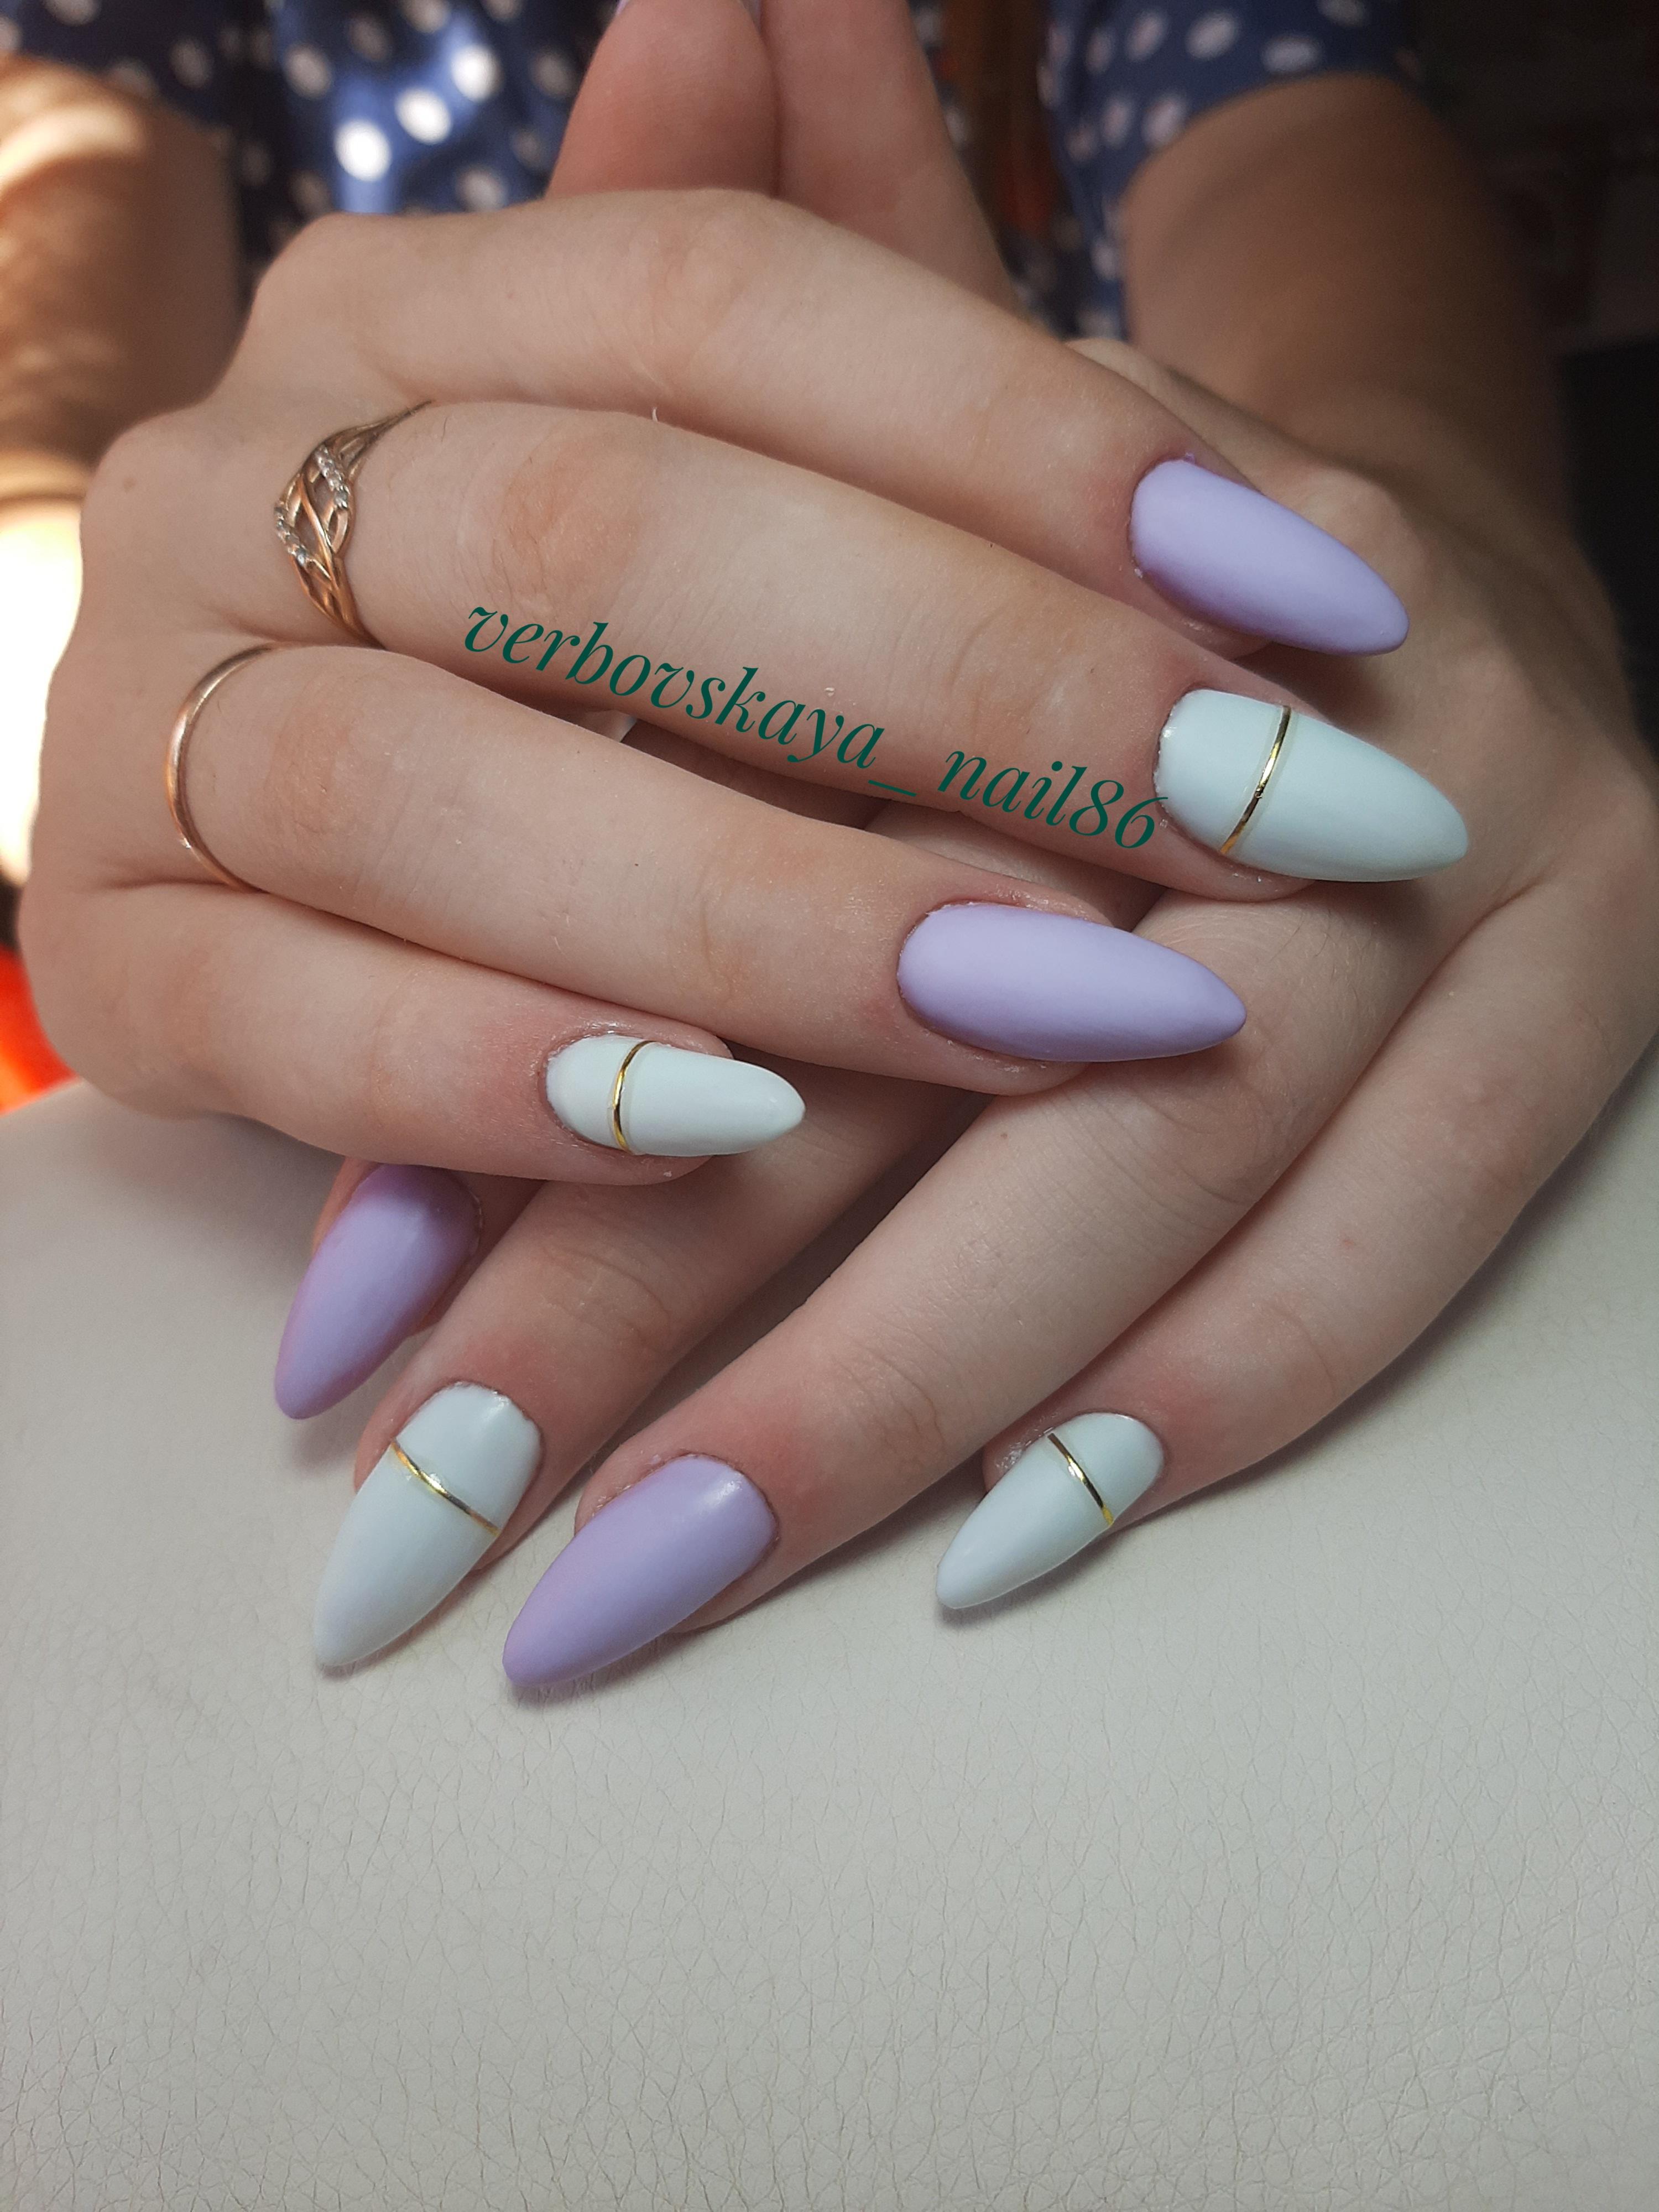 Матовый маникюр с золотыми полосками в пастельных тонах на длинные ногти.